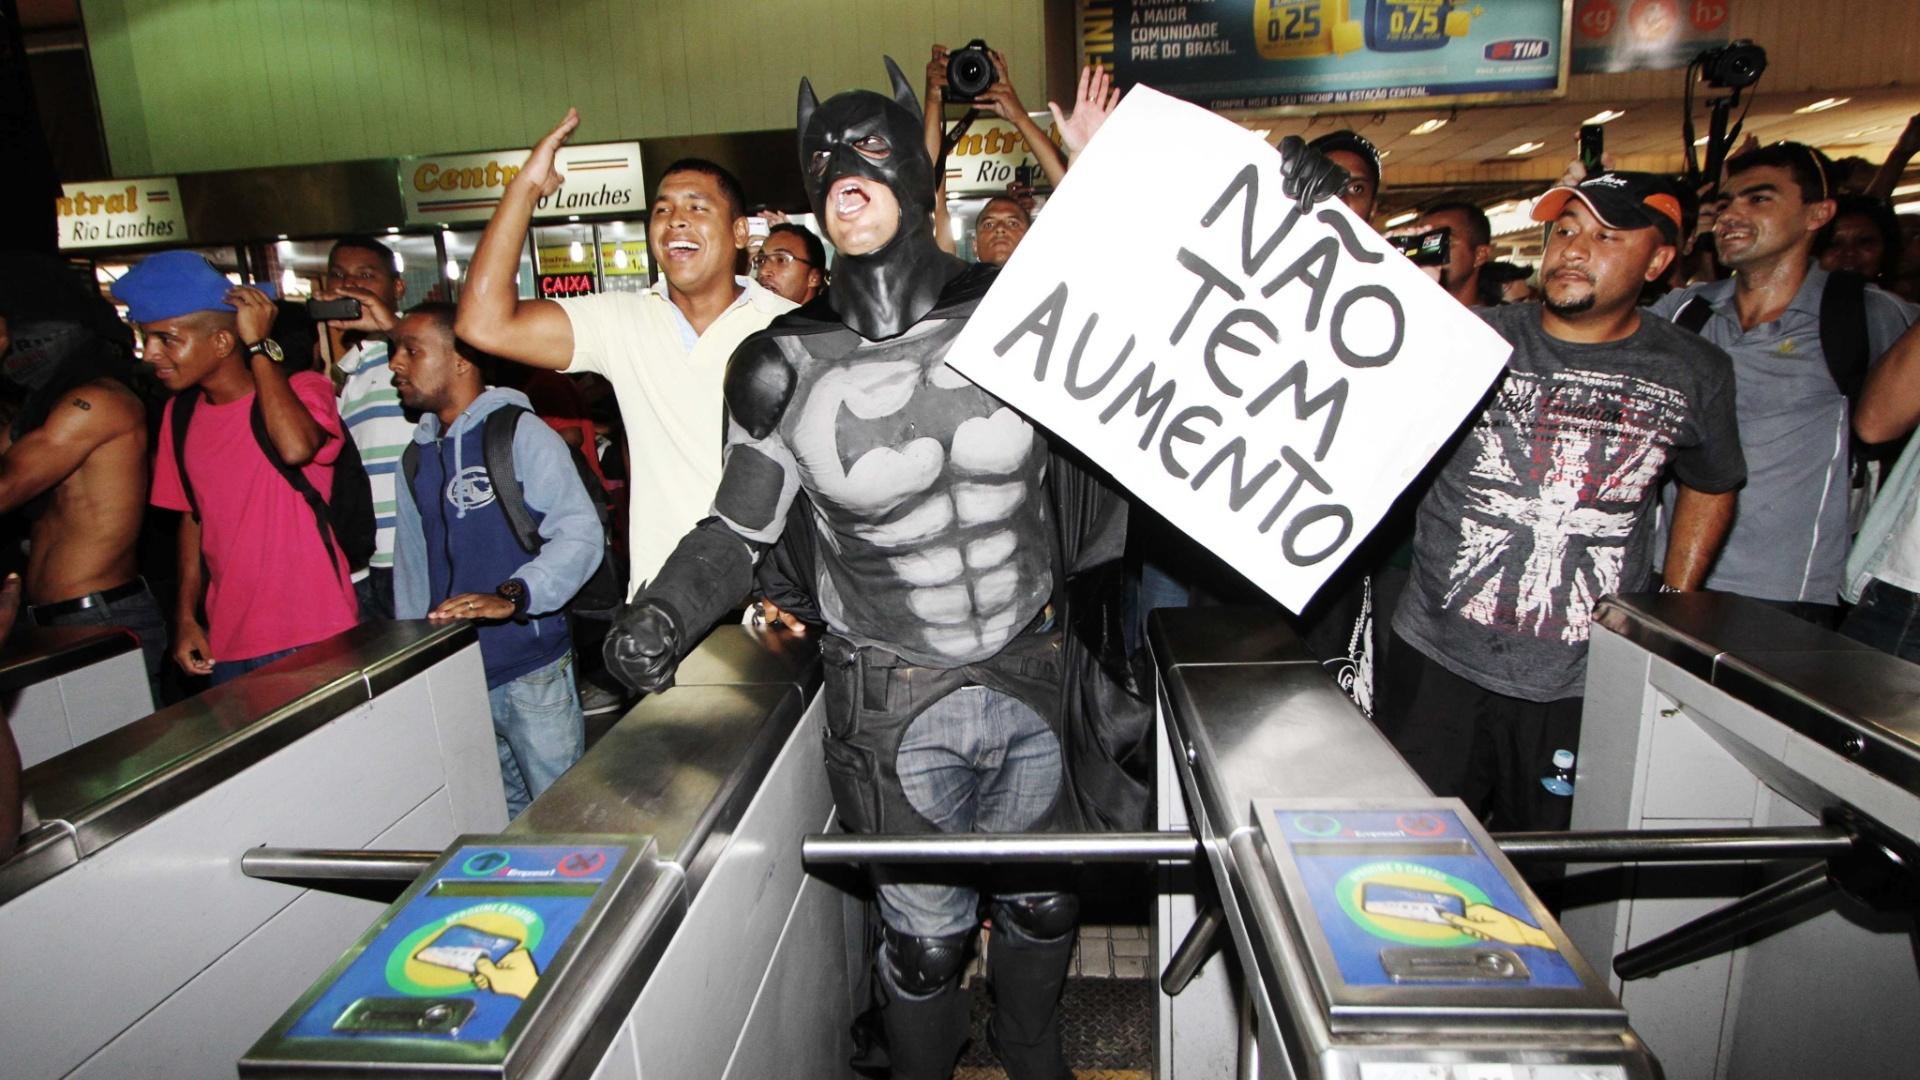 30.jan.2014 - Manifestantes pulam as roletas da Central do Brasil, no centro do Rio, nesta quinta-feira (30), em protesto contra o aumento das passagens de ônibus e trens. O protesto é organizado pelo grupo Passe Livre-RJ e conta com manifestantes do Black Bloc. O reajuste foi anunciado ontem (29) pelo